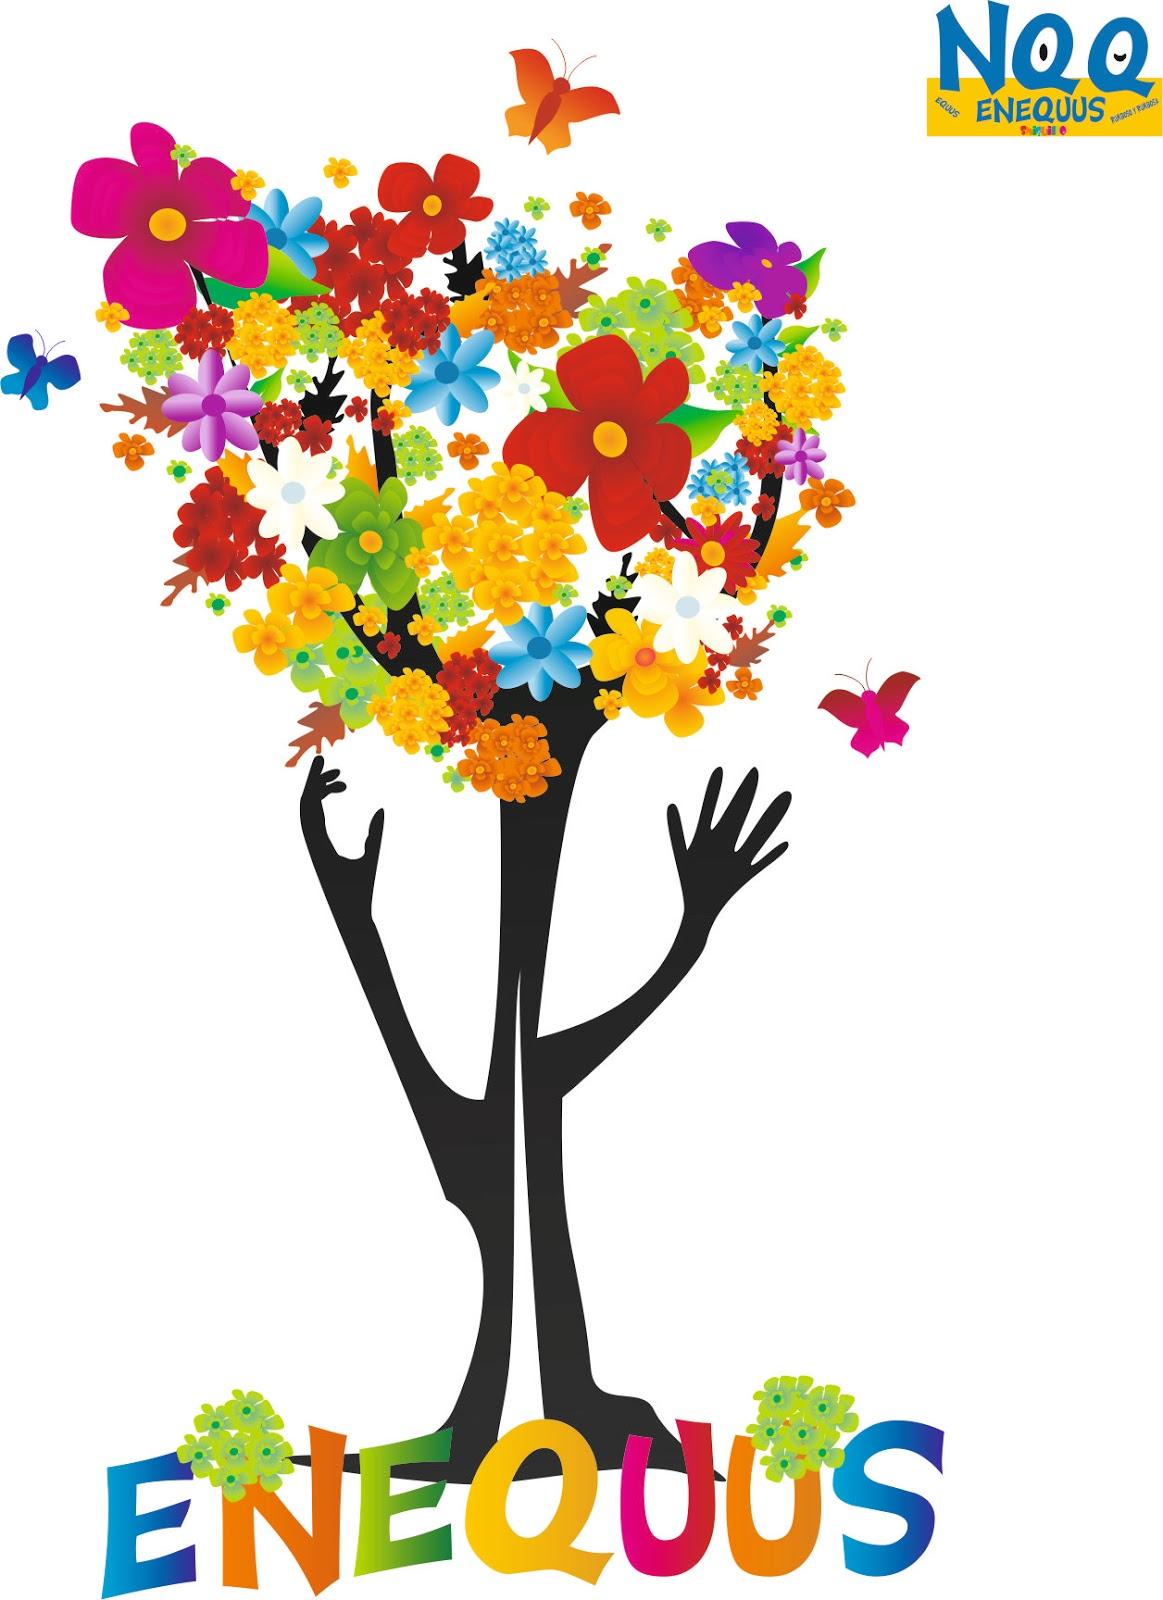 diseos infantiles y de gran colorido